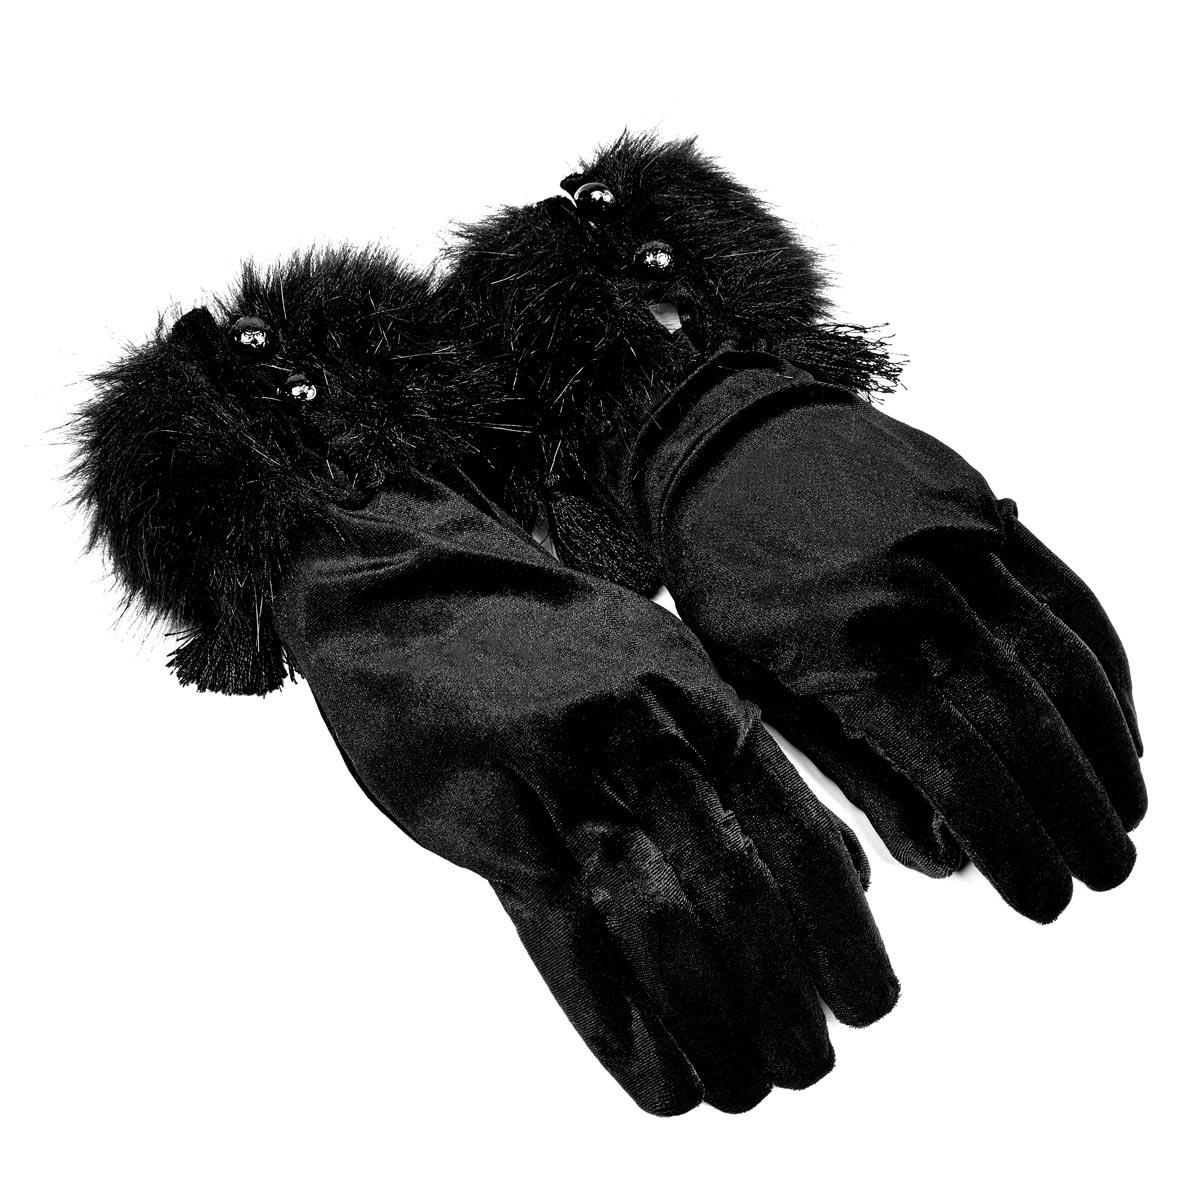 Handschuhe für besondere Styles bei VOODOOMANIACS kaufen